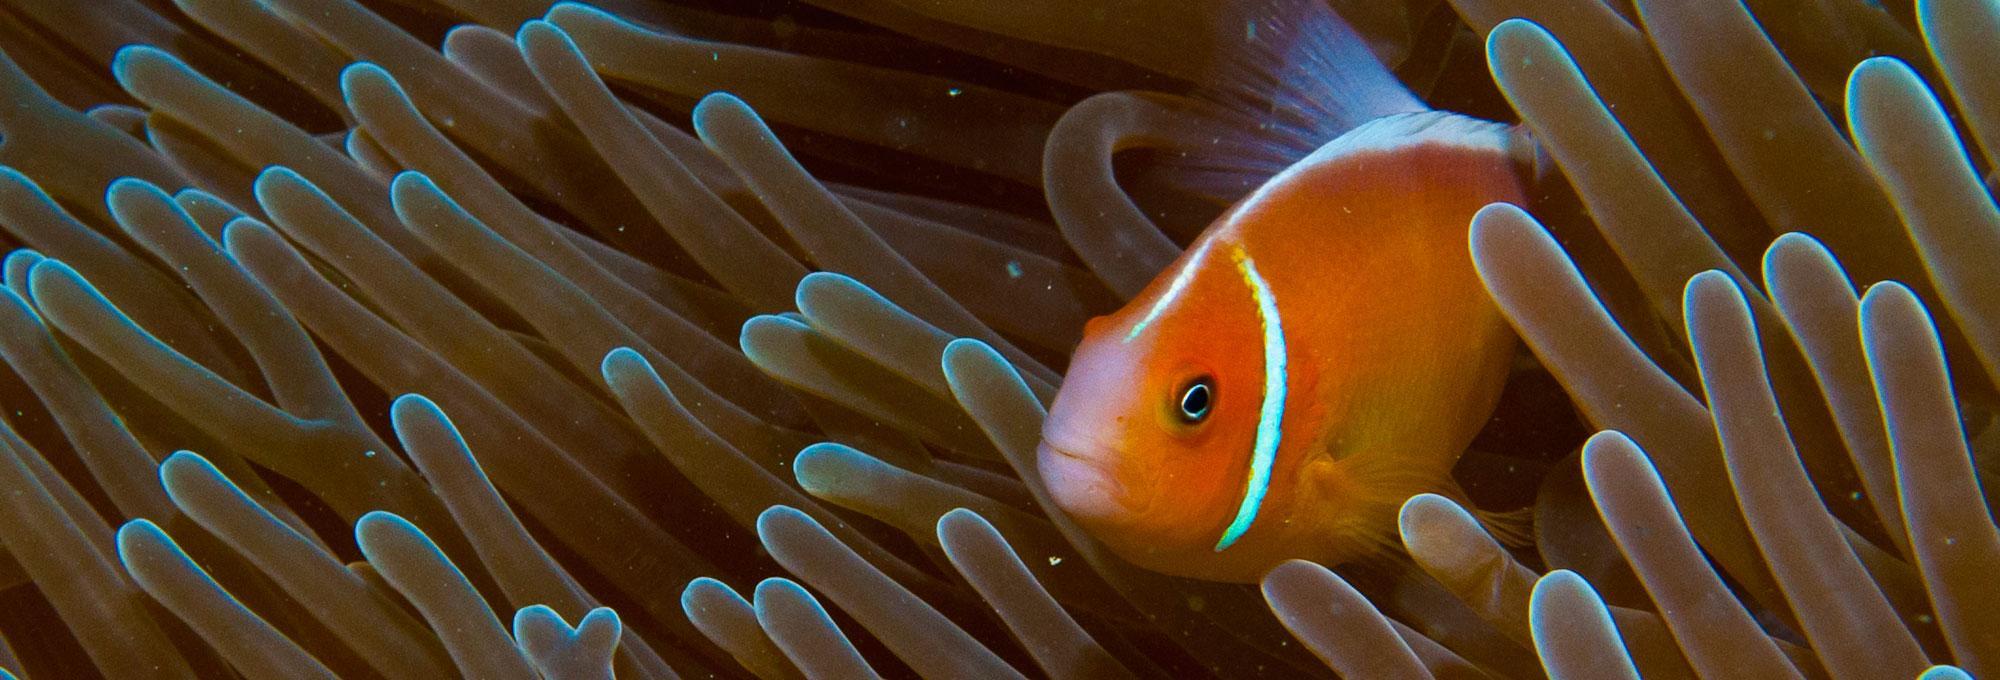 Piti Marine Preserve Image 2